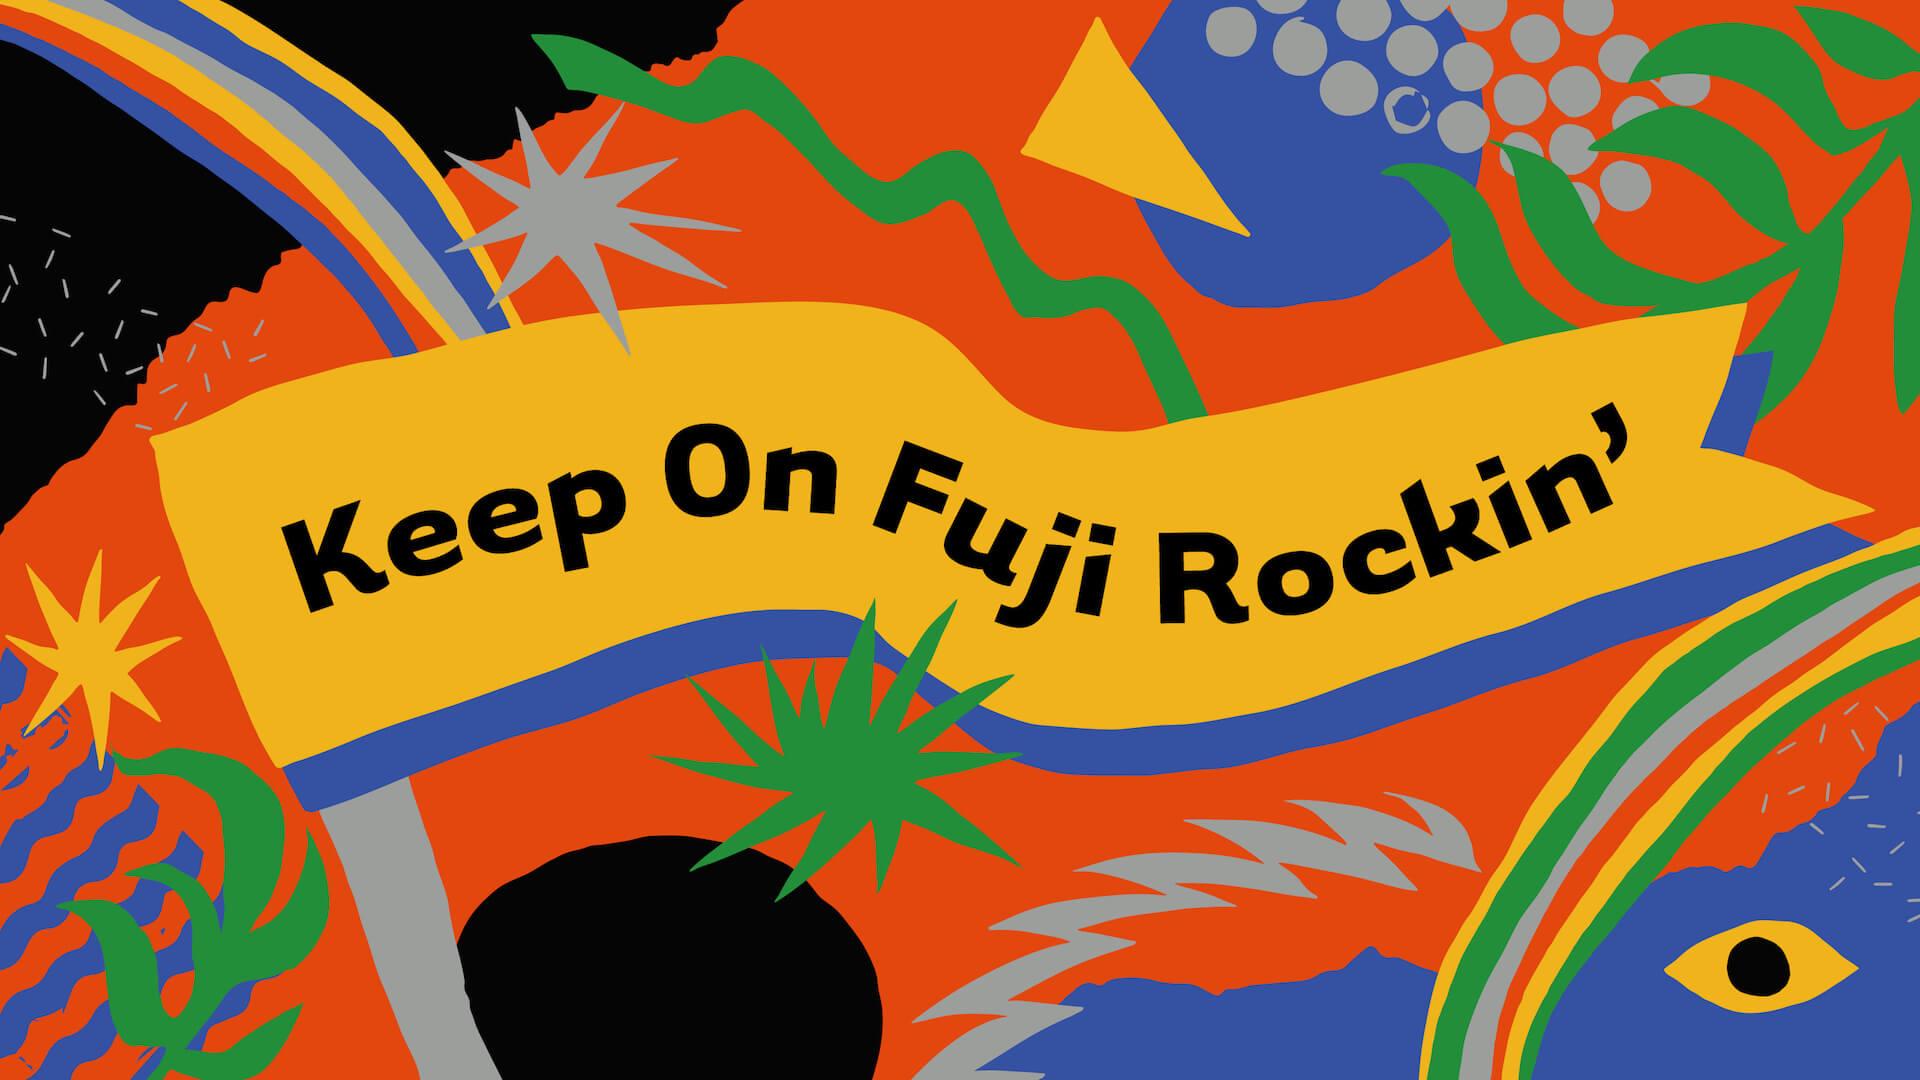 開催延期のフジロック新企画!<Keep On Fuji Rockin'>がスタート|過去のライブ映像配信&Twitterプレゼントキャンペーンも music200731_fujirock_1